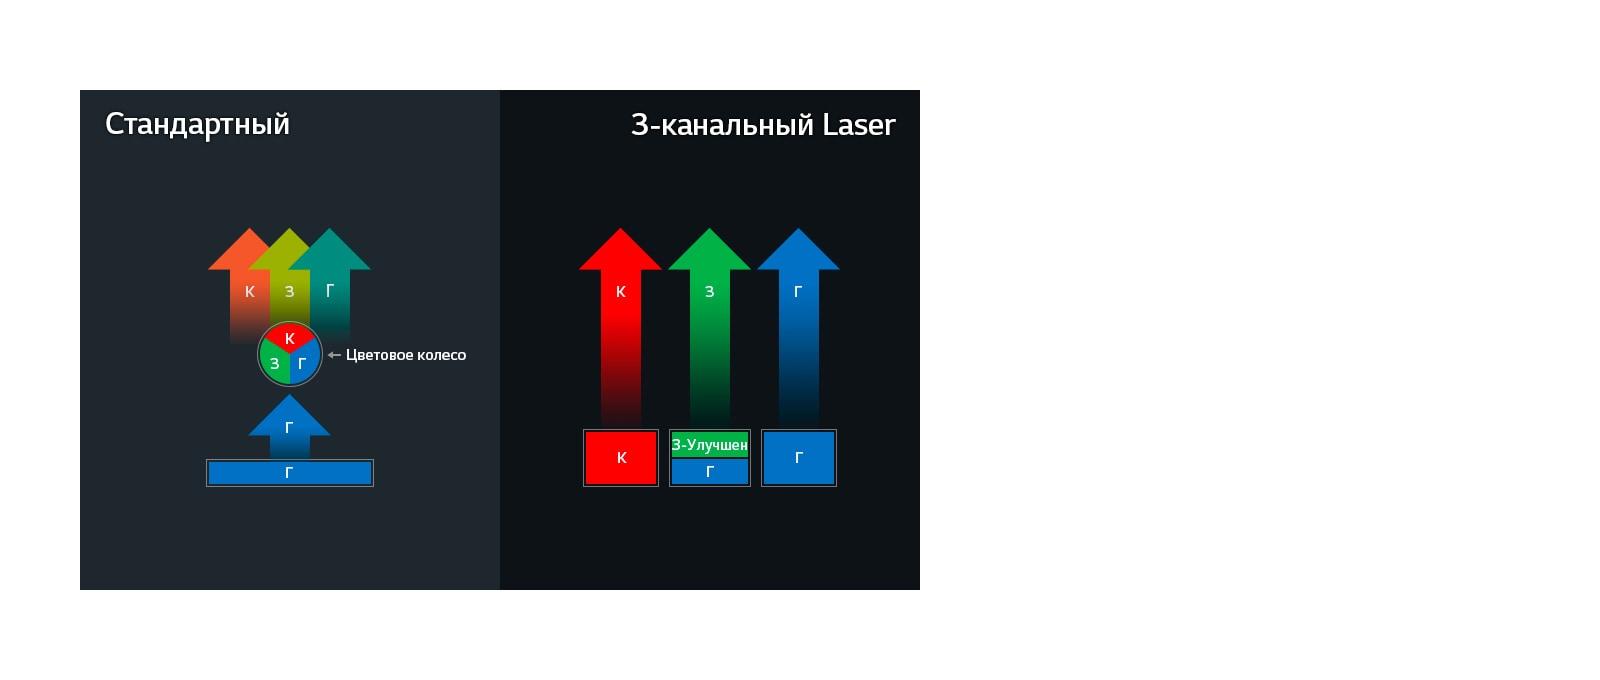 3-канальный Laser с технологией Wheel-less